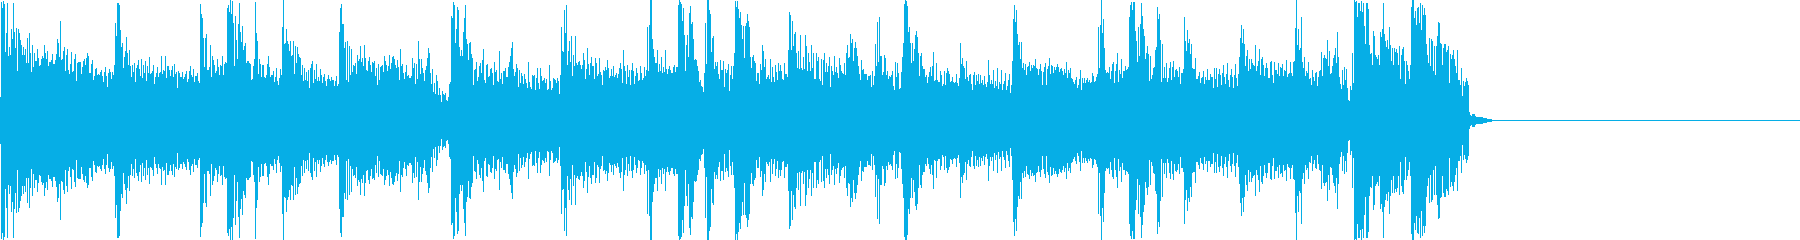 アコギのストロークが印象的なBGMの再生済みの波形